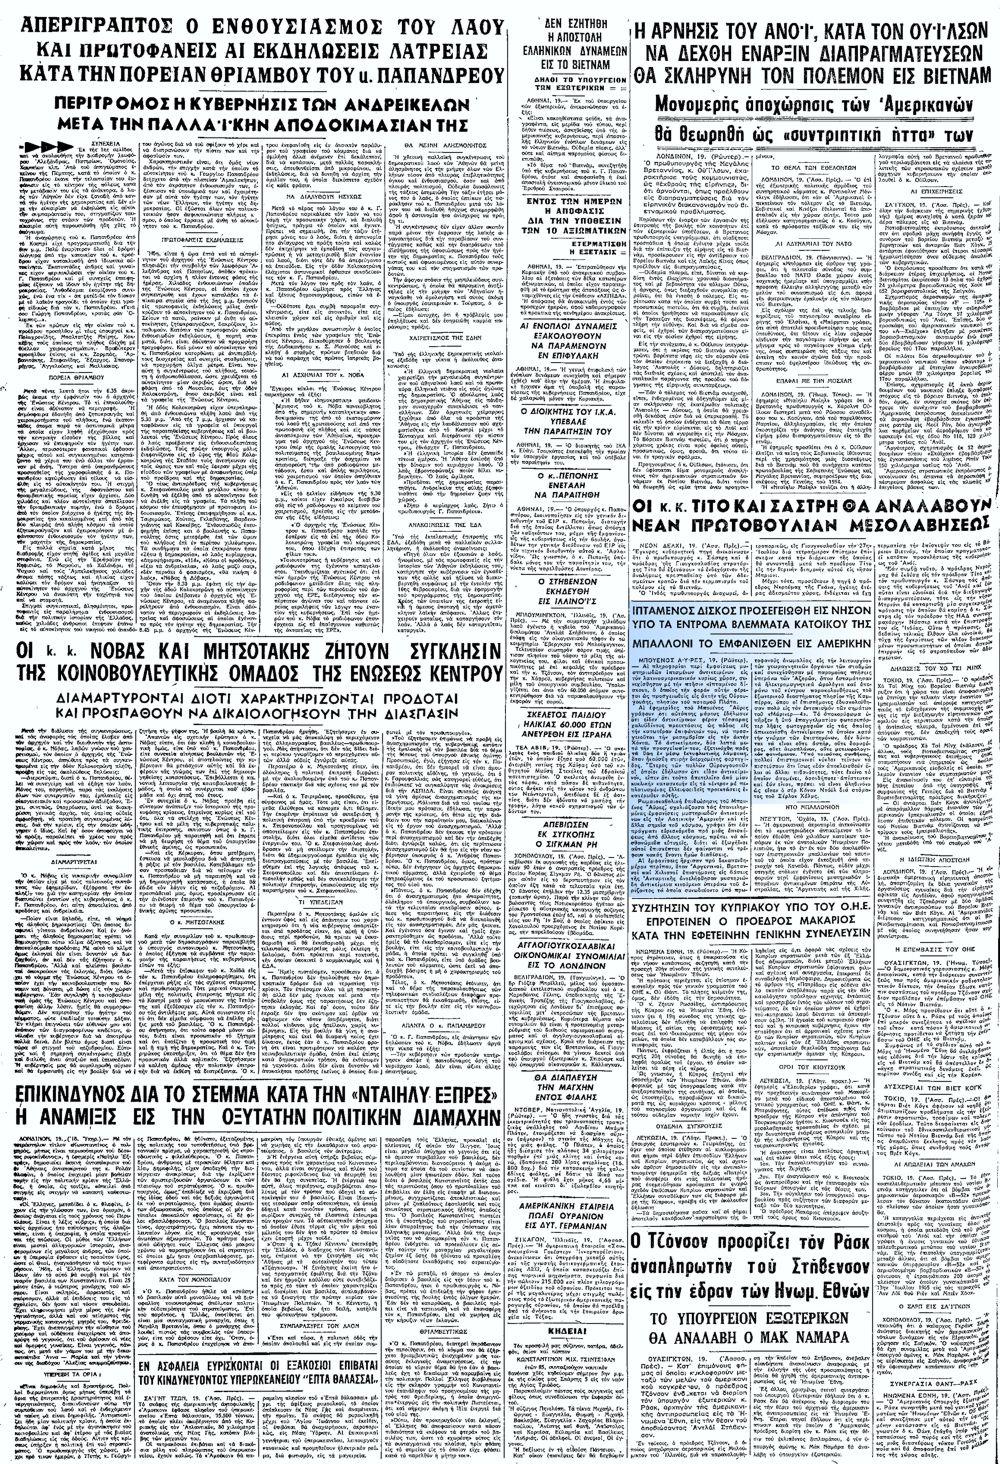 """Το άρθρο, όπως δημοσιεύθηκε στην εφημερίδα """"ΜΑΚΕΔΟΝΙΑ"""", στις 20/07/1965"""